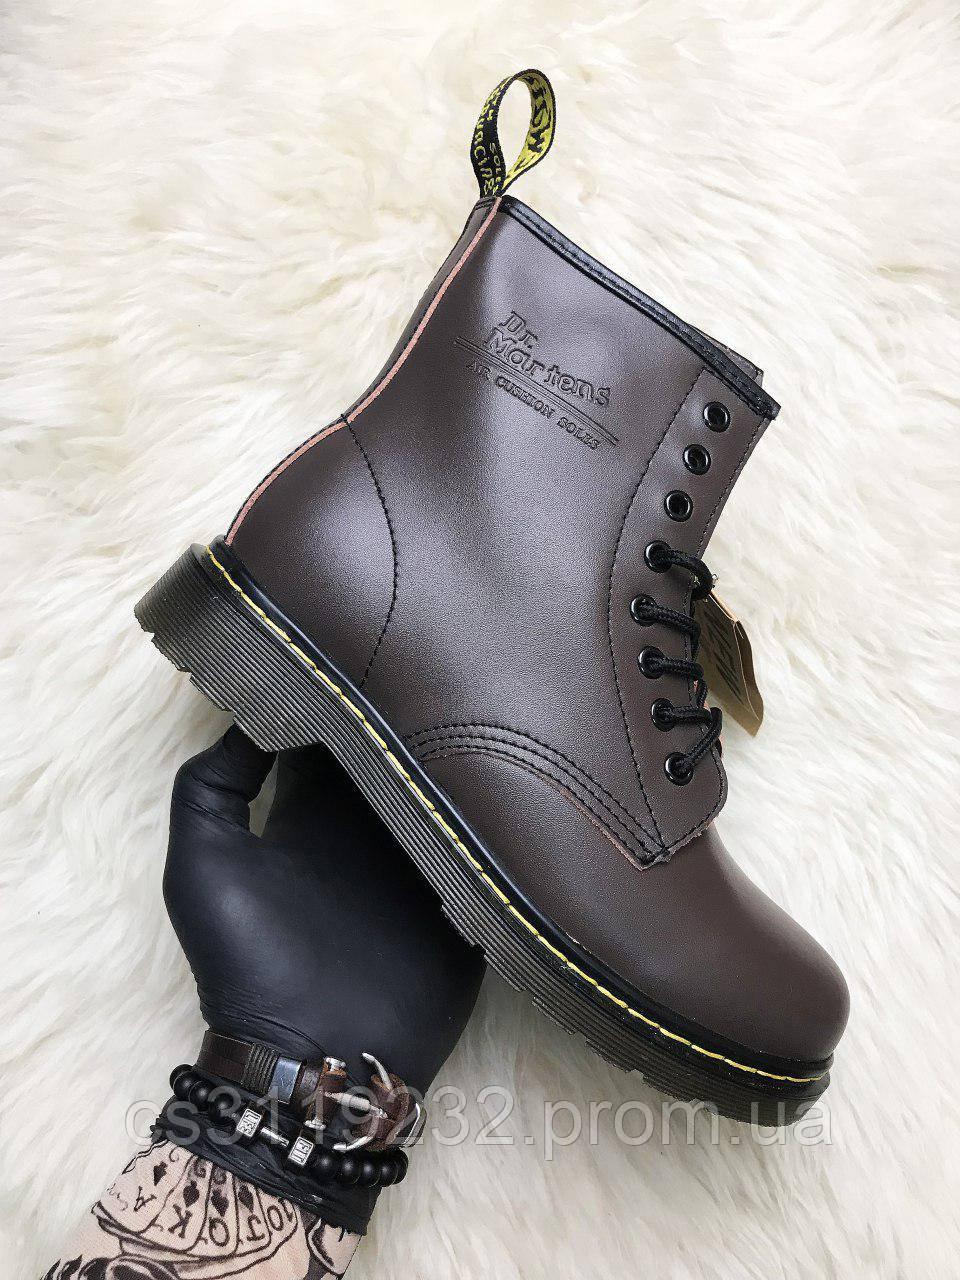 Жіночі черевики Dr Martens 1460 демісезонні (коричневий)